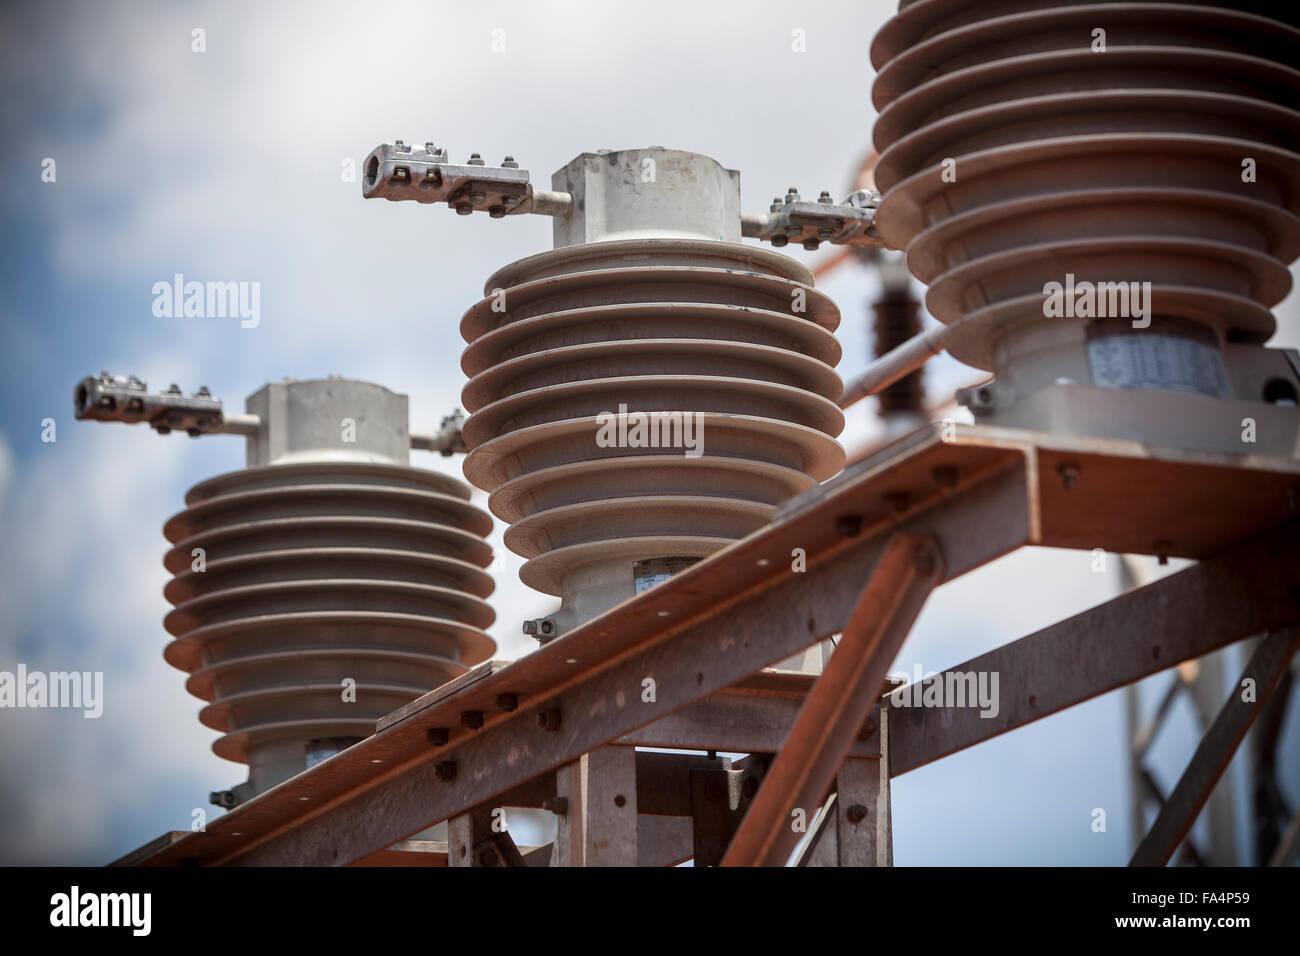 Umspannwerk Infrastruktur in Tanga, Tansania. Stockbild